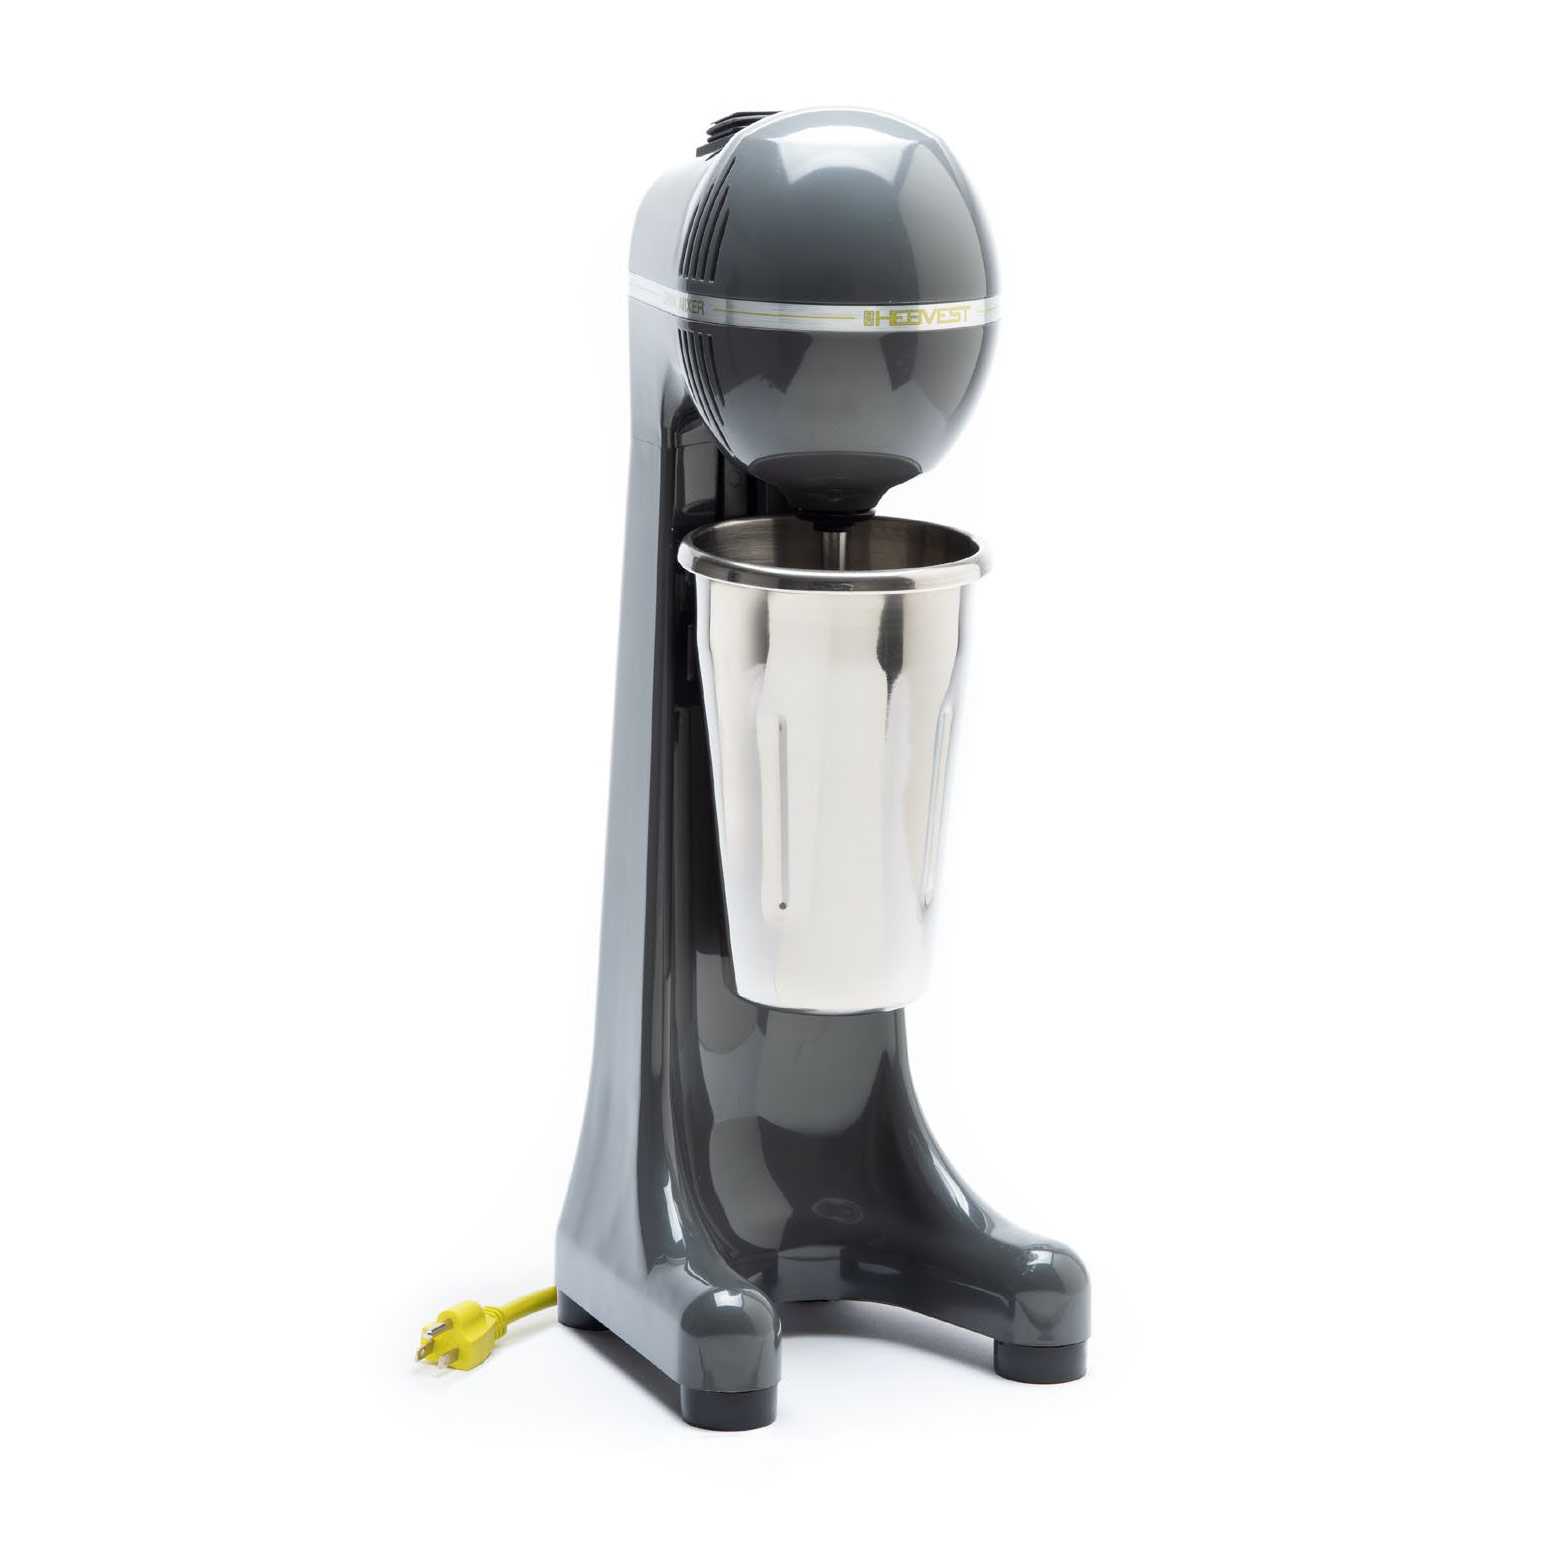 Hebvest DM01HD Mixer, Drink / Bar